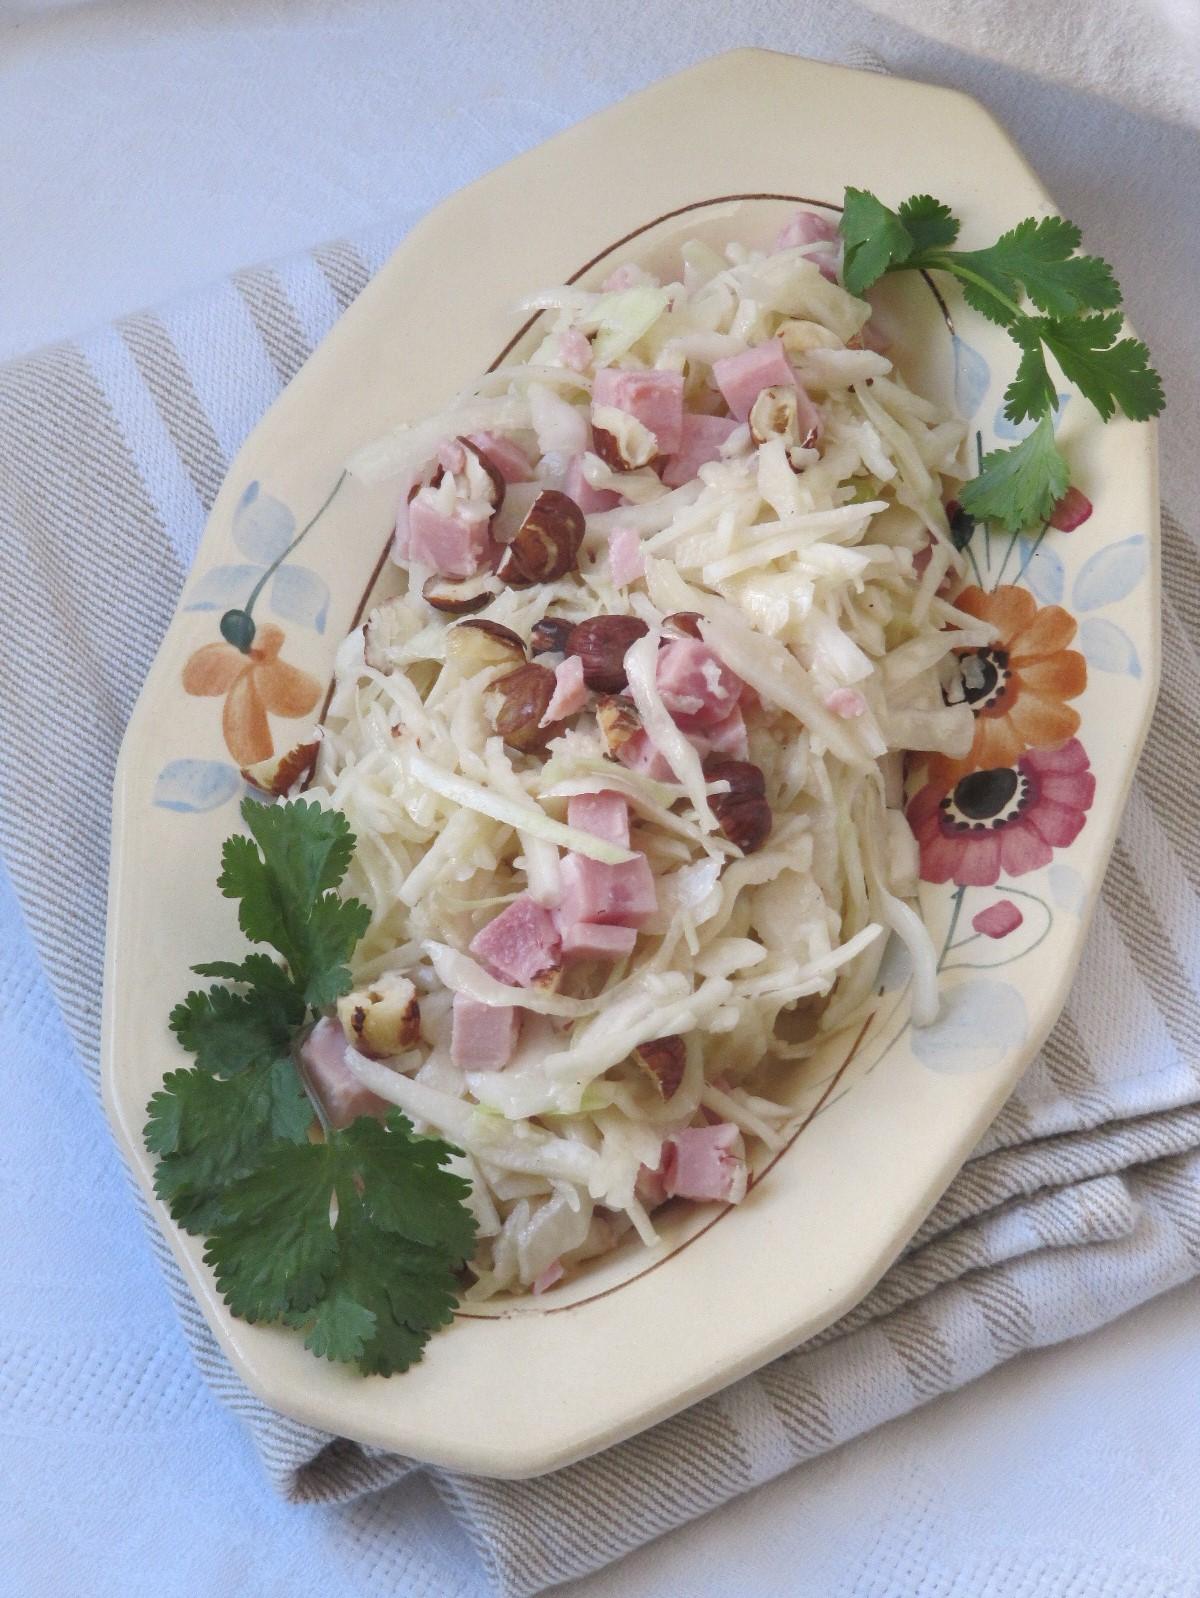 La cuisine d'ici et d'ISCA: Salade de chou blanc